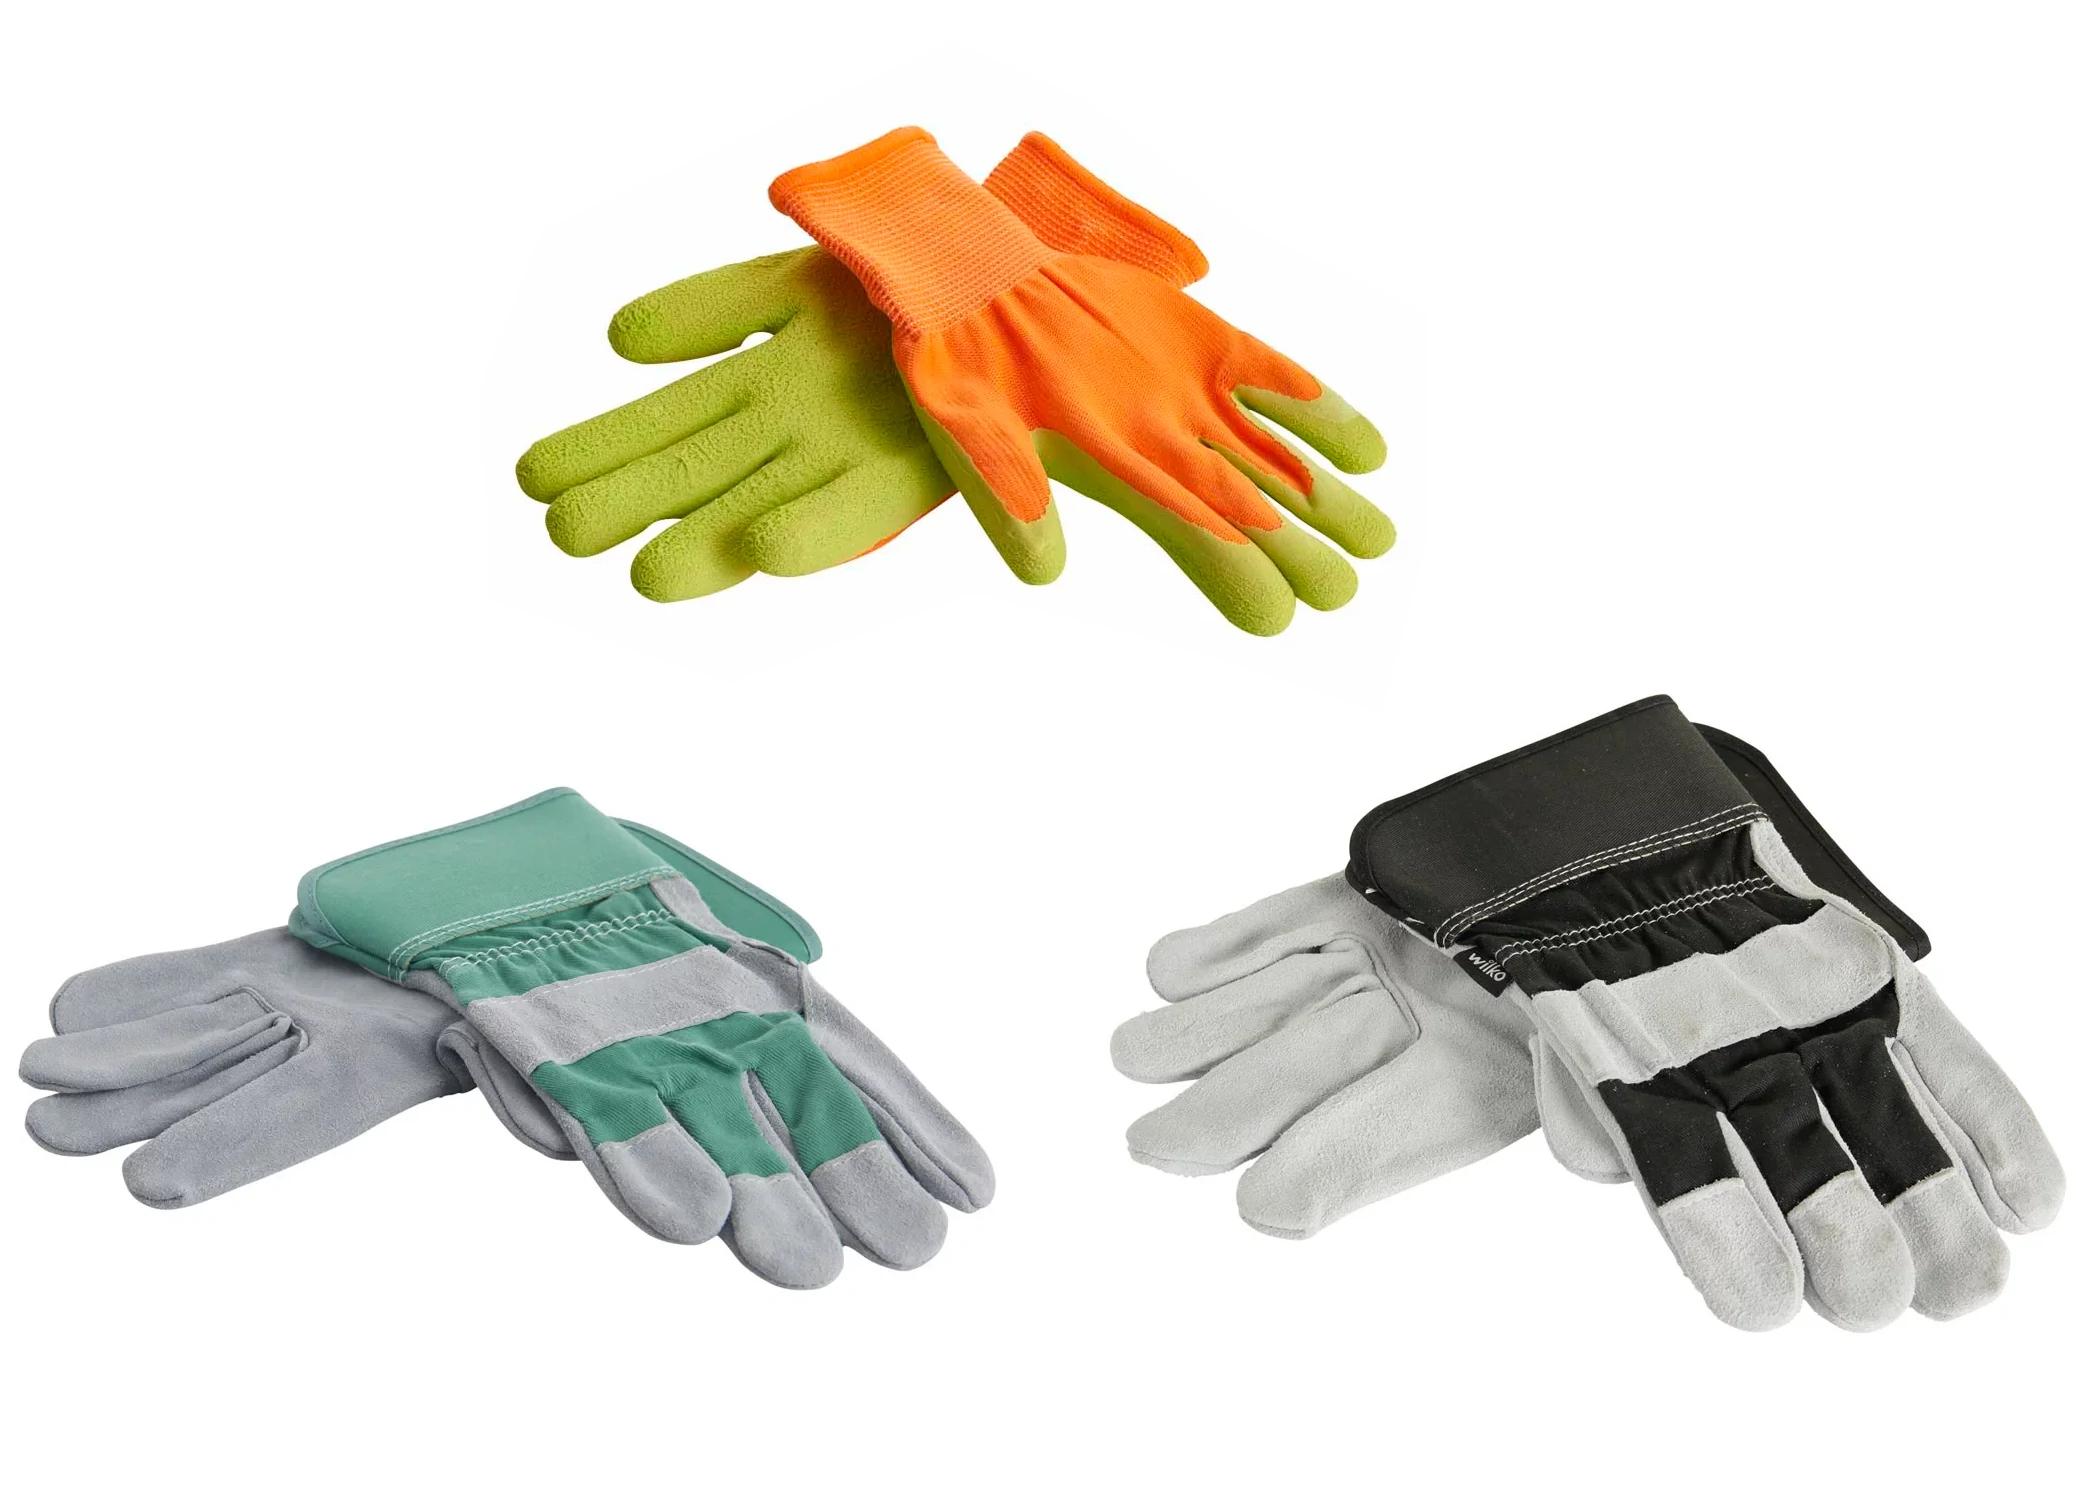 Kids Garden Gloves for 30p or Men's Leather Rigger Gloves for 85p @ Wilko (instore)